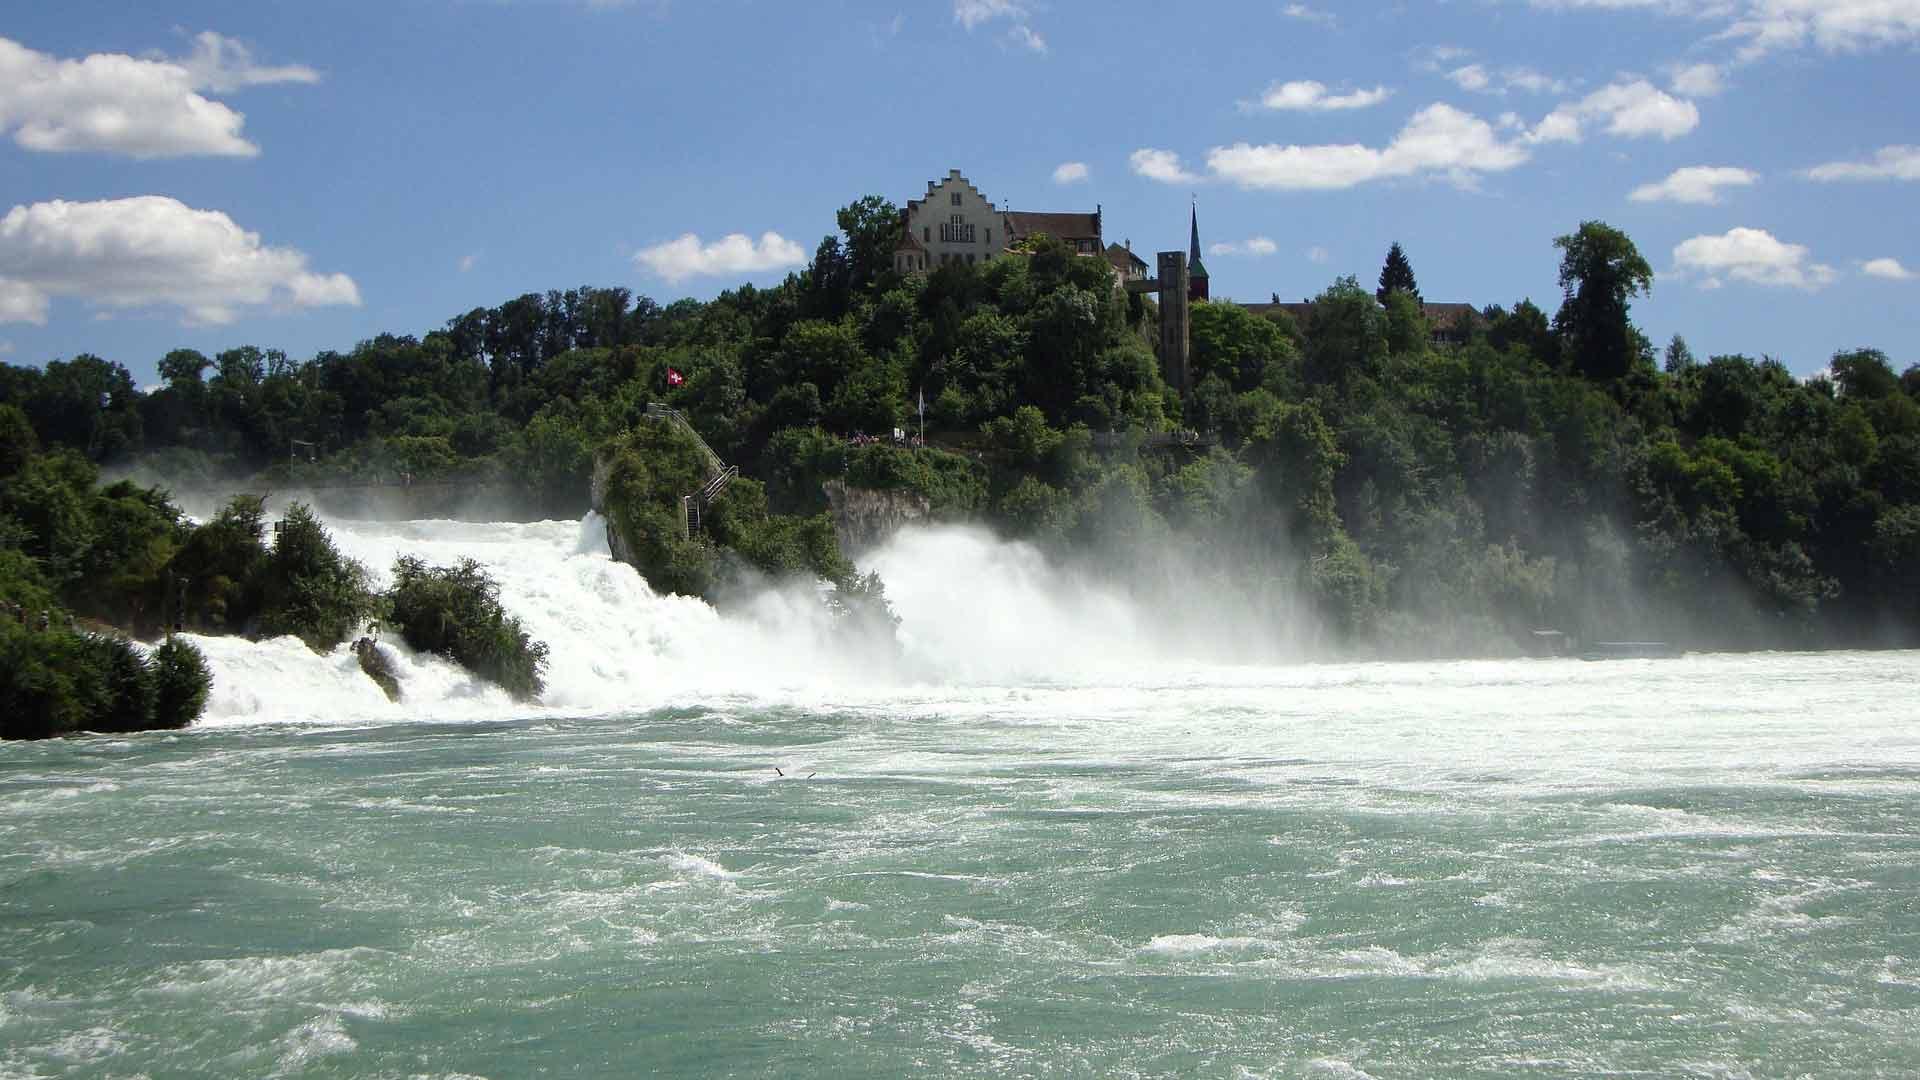 De beroemde waterval bij Schaffhausen.